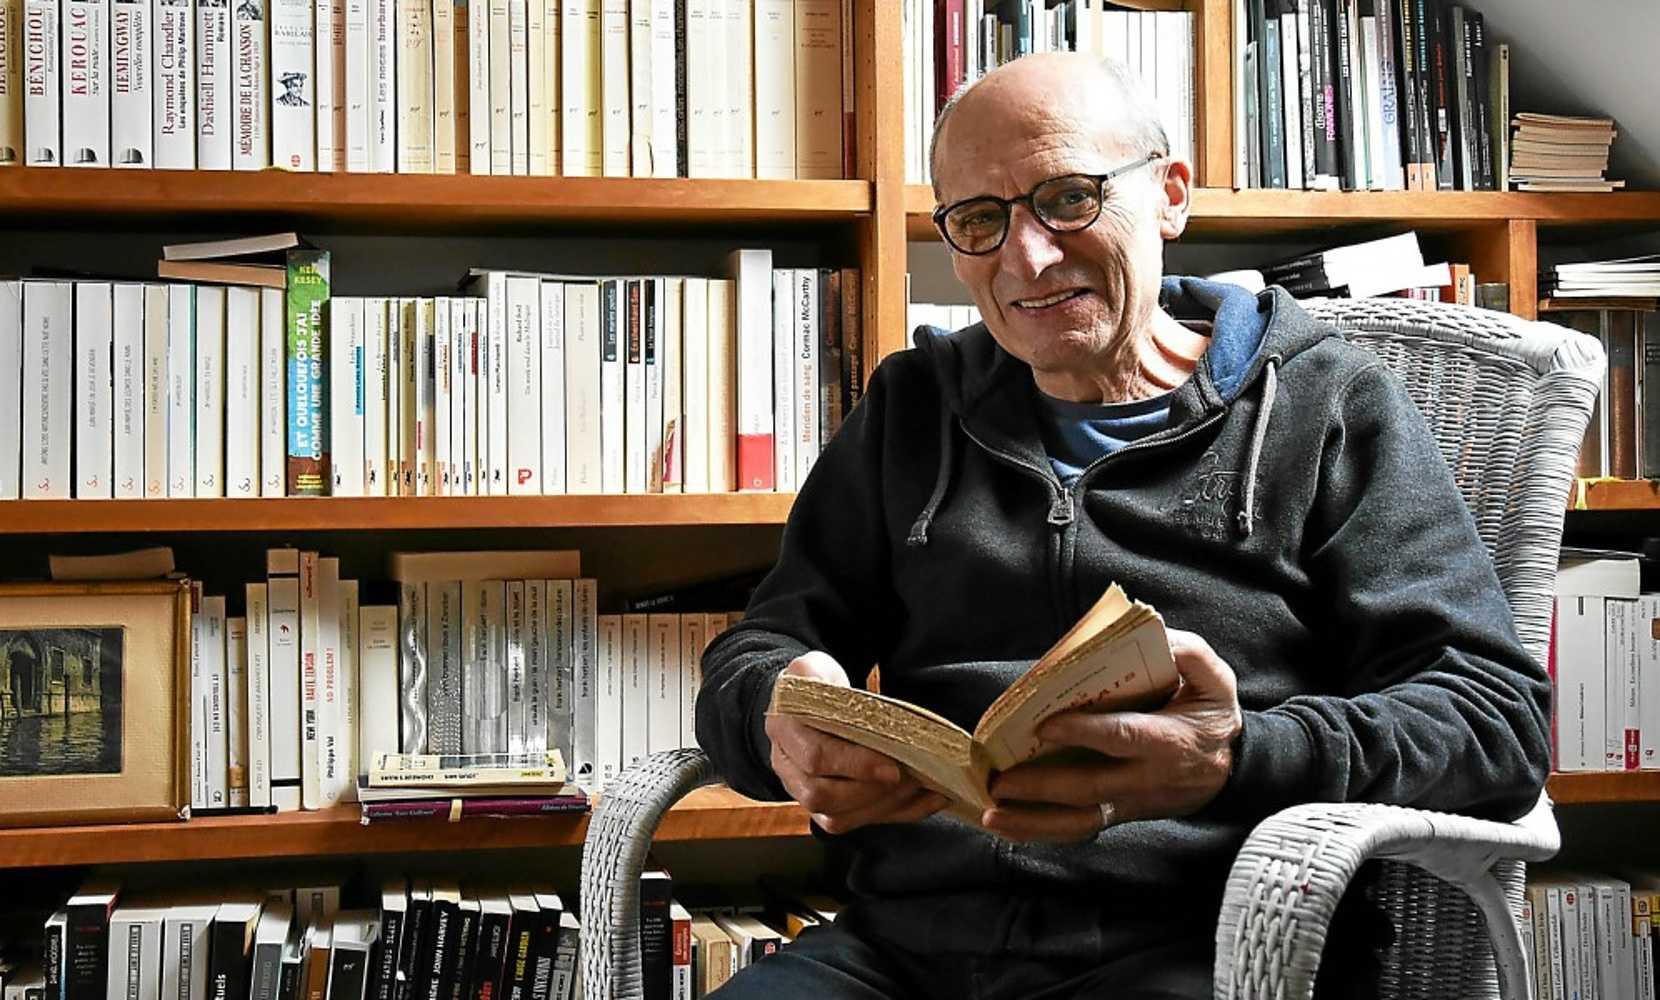 Rencontre avec Denis Flageul, metteur en scène et écrivain 0